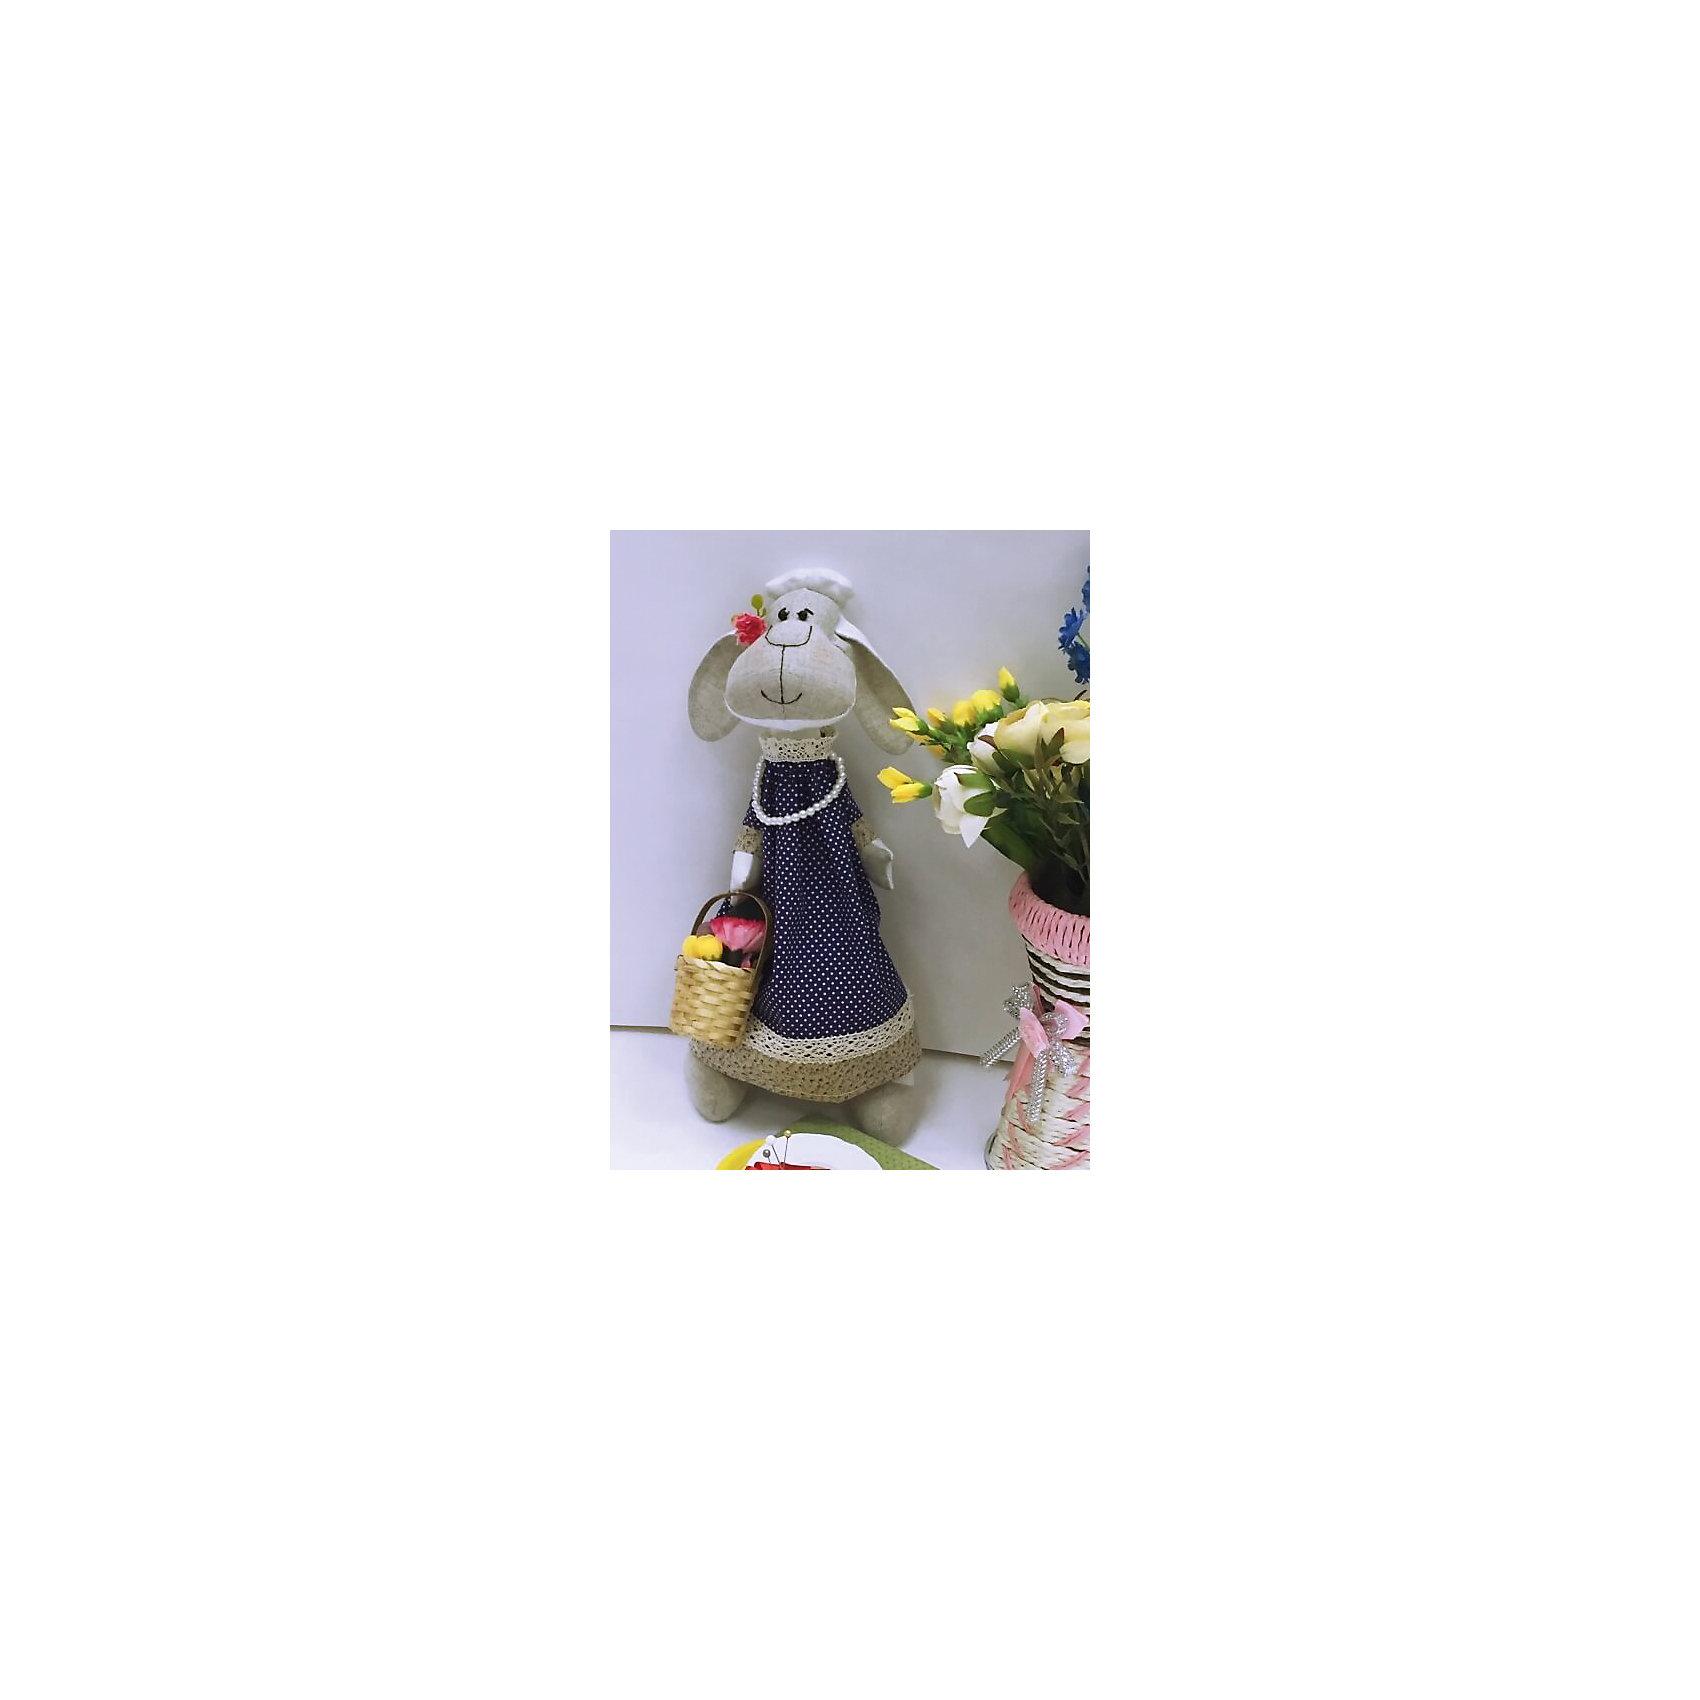 Набор для шитья Овечка ЦветочницаВ набор входит выкройка, подробная инструкция, лекало, мел, булавки, нитки, наполнитель-холлафайбер, ленты и аксессуары для украшения. Игрушка выполняется из специальной несыпучей ткани для печворка. Своими руками Вы создаете дизайнерскую игрушку<br><br>Ширина мм: 250<br>Глубина мм: 20<br>Высота мм: 350<br>Вес г: 500<br>Возраст от месяцев: 120<br>Возраст до месяцев: 180<br>Пол: Унисекс<br>Возраст: Детский<br>SKU: 5350868